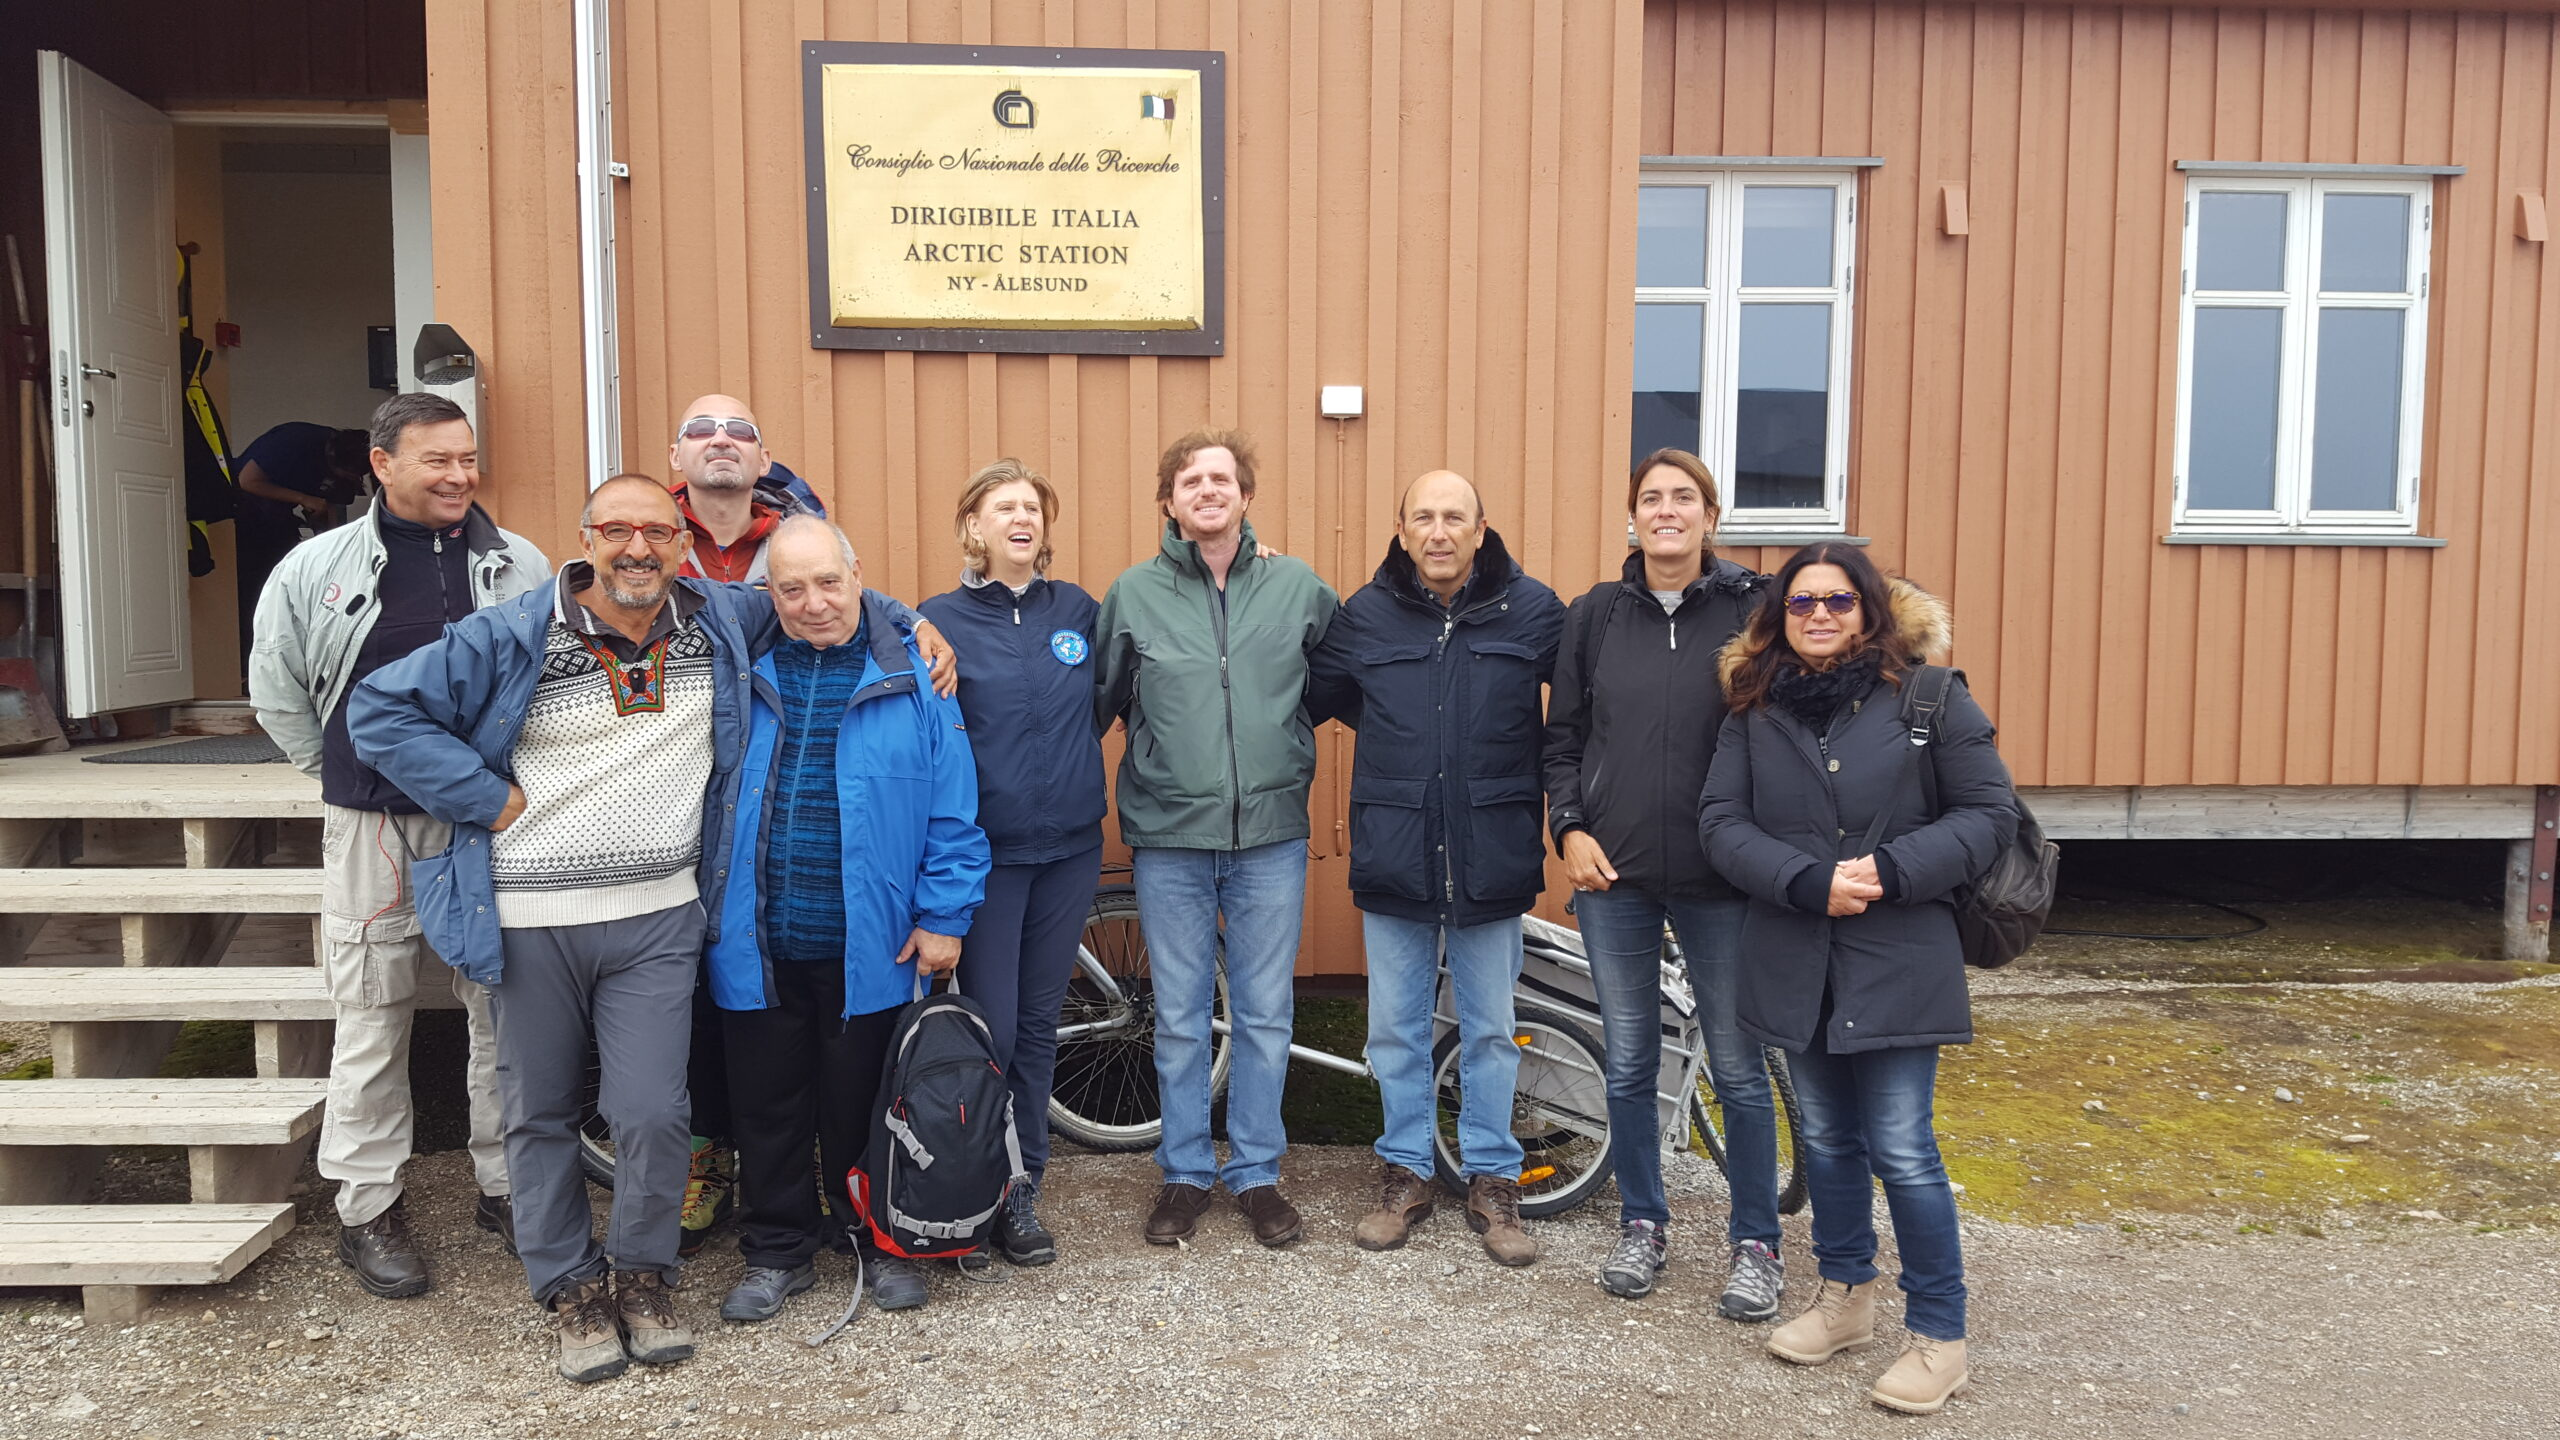 Alla base di ricerca Dirigibile Italia (Ny-Ålesund)